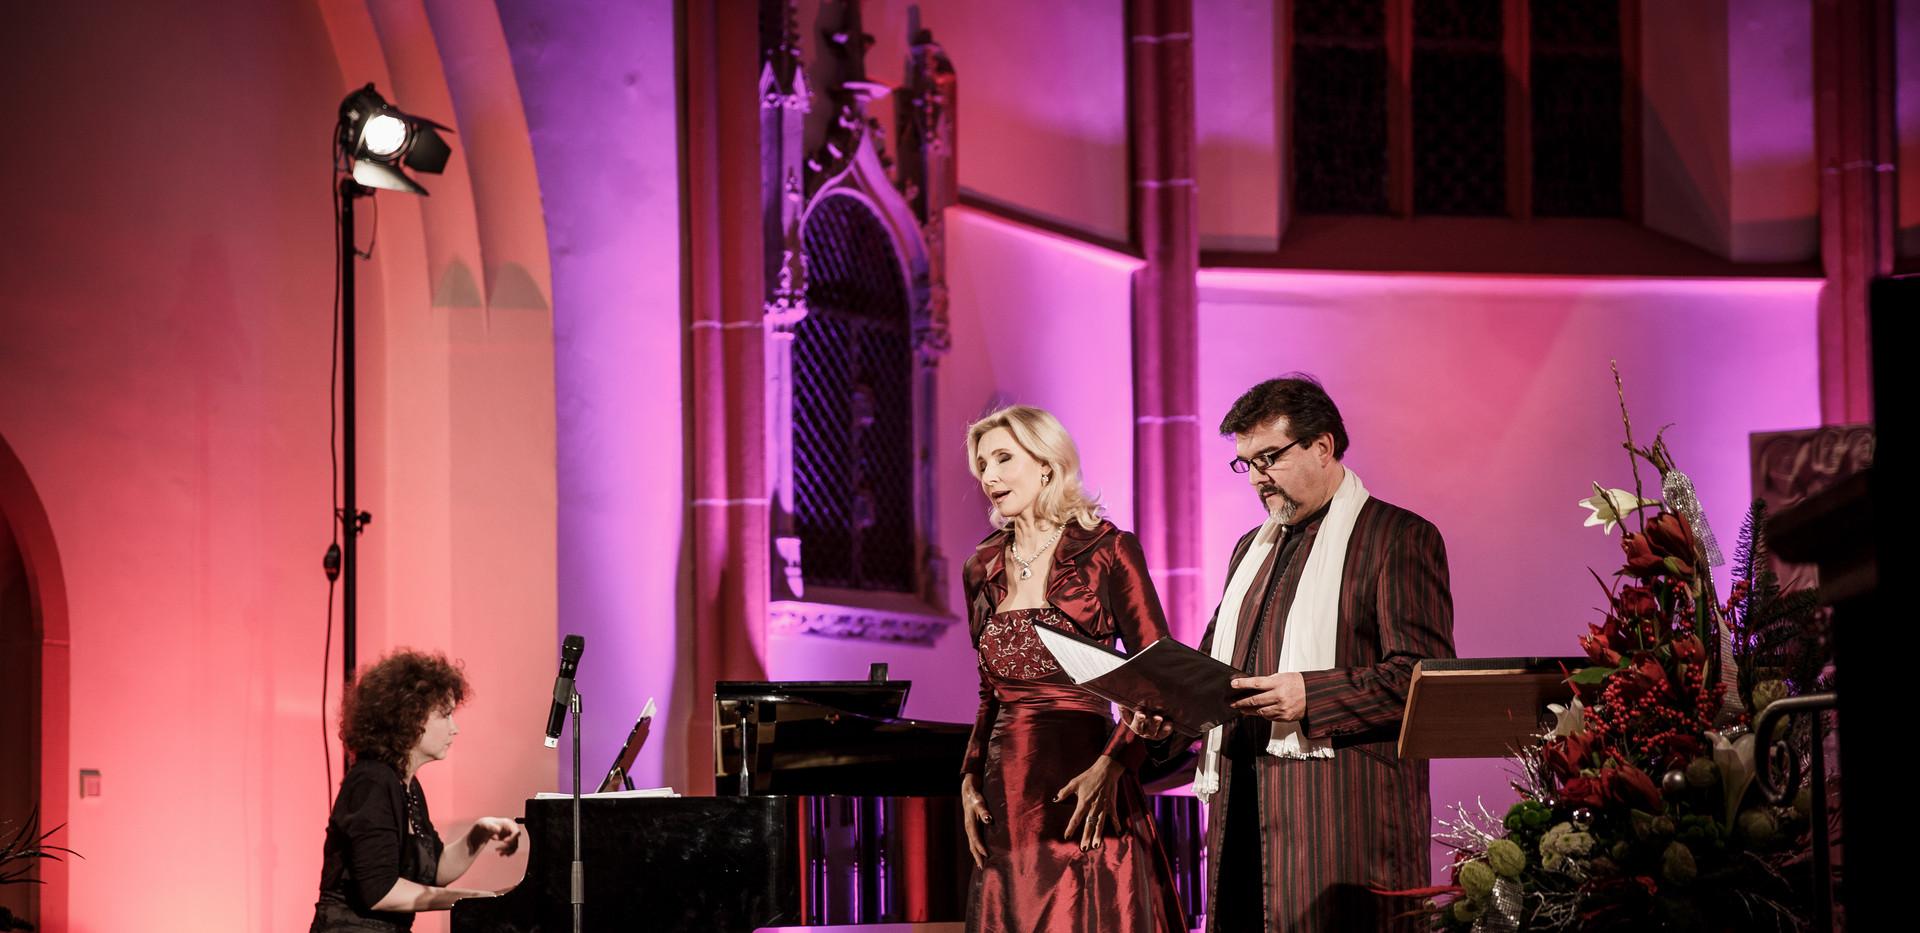 Weihnachtskonzert mit Eva Lind und German Tenors